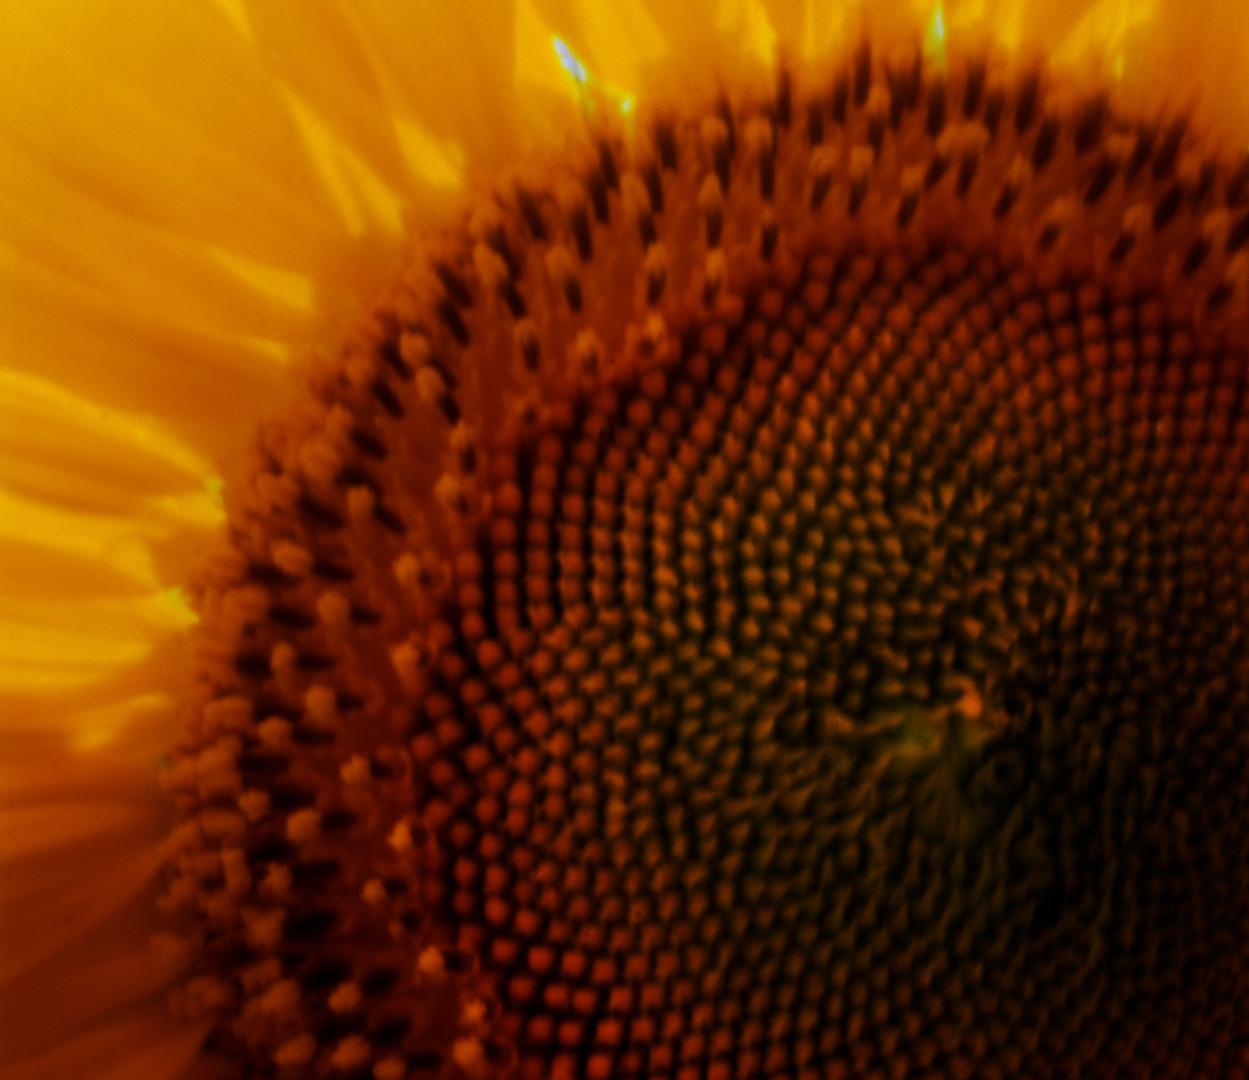 Jocelyn Lee, Untitled pinhole (giant face sunflower), 2008